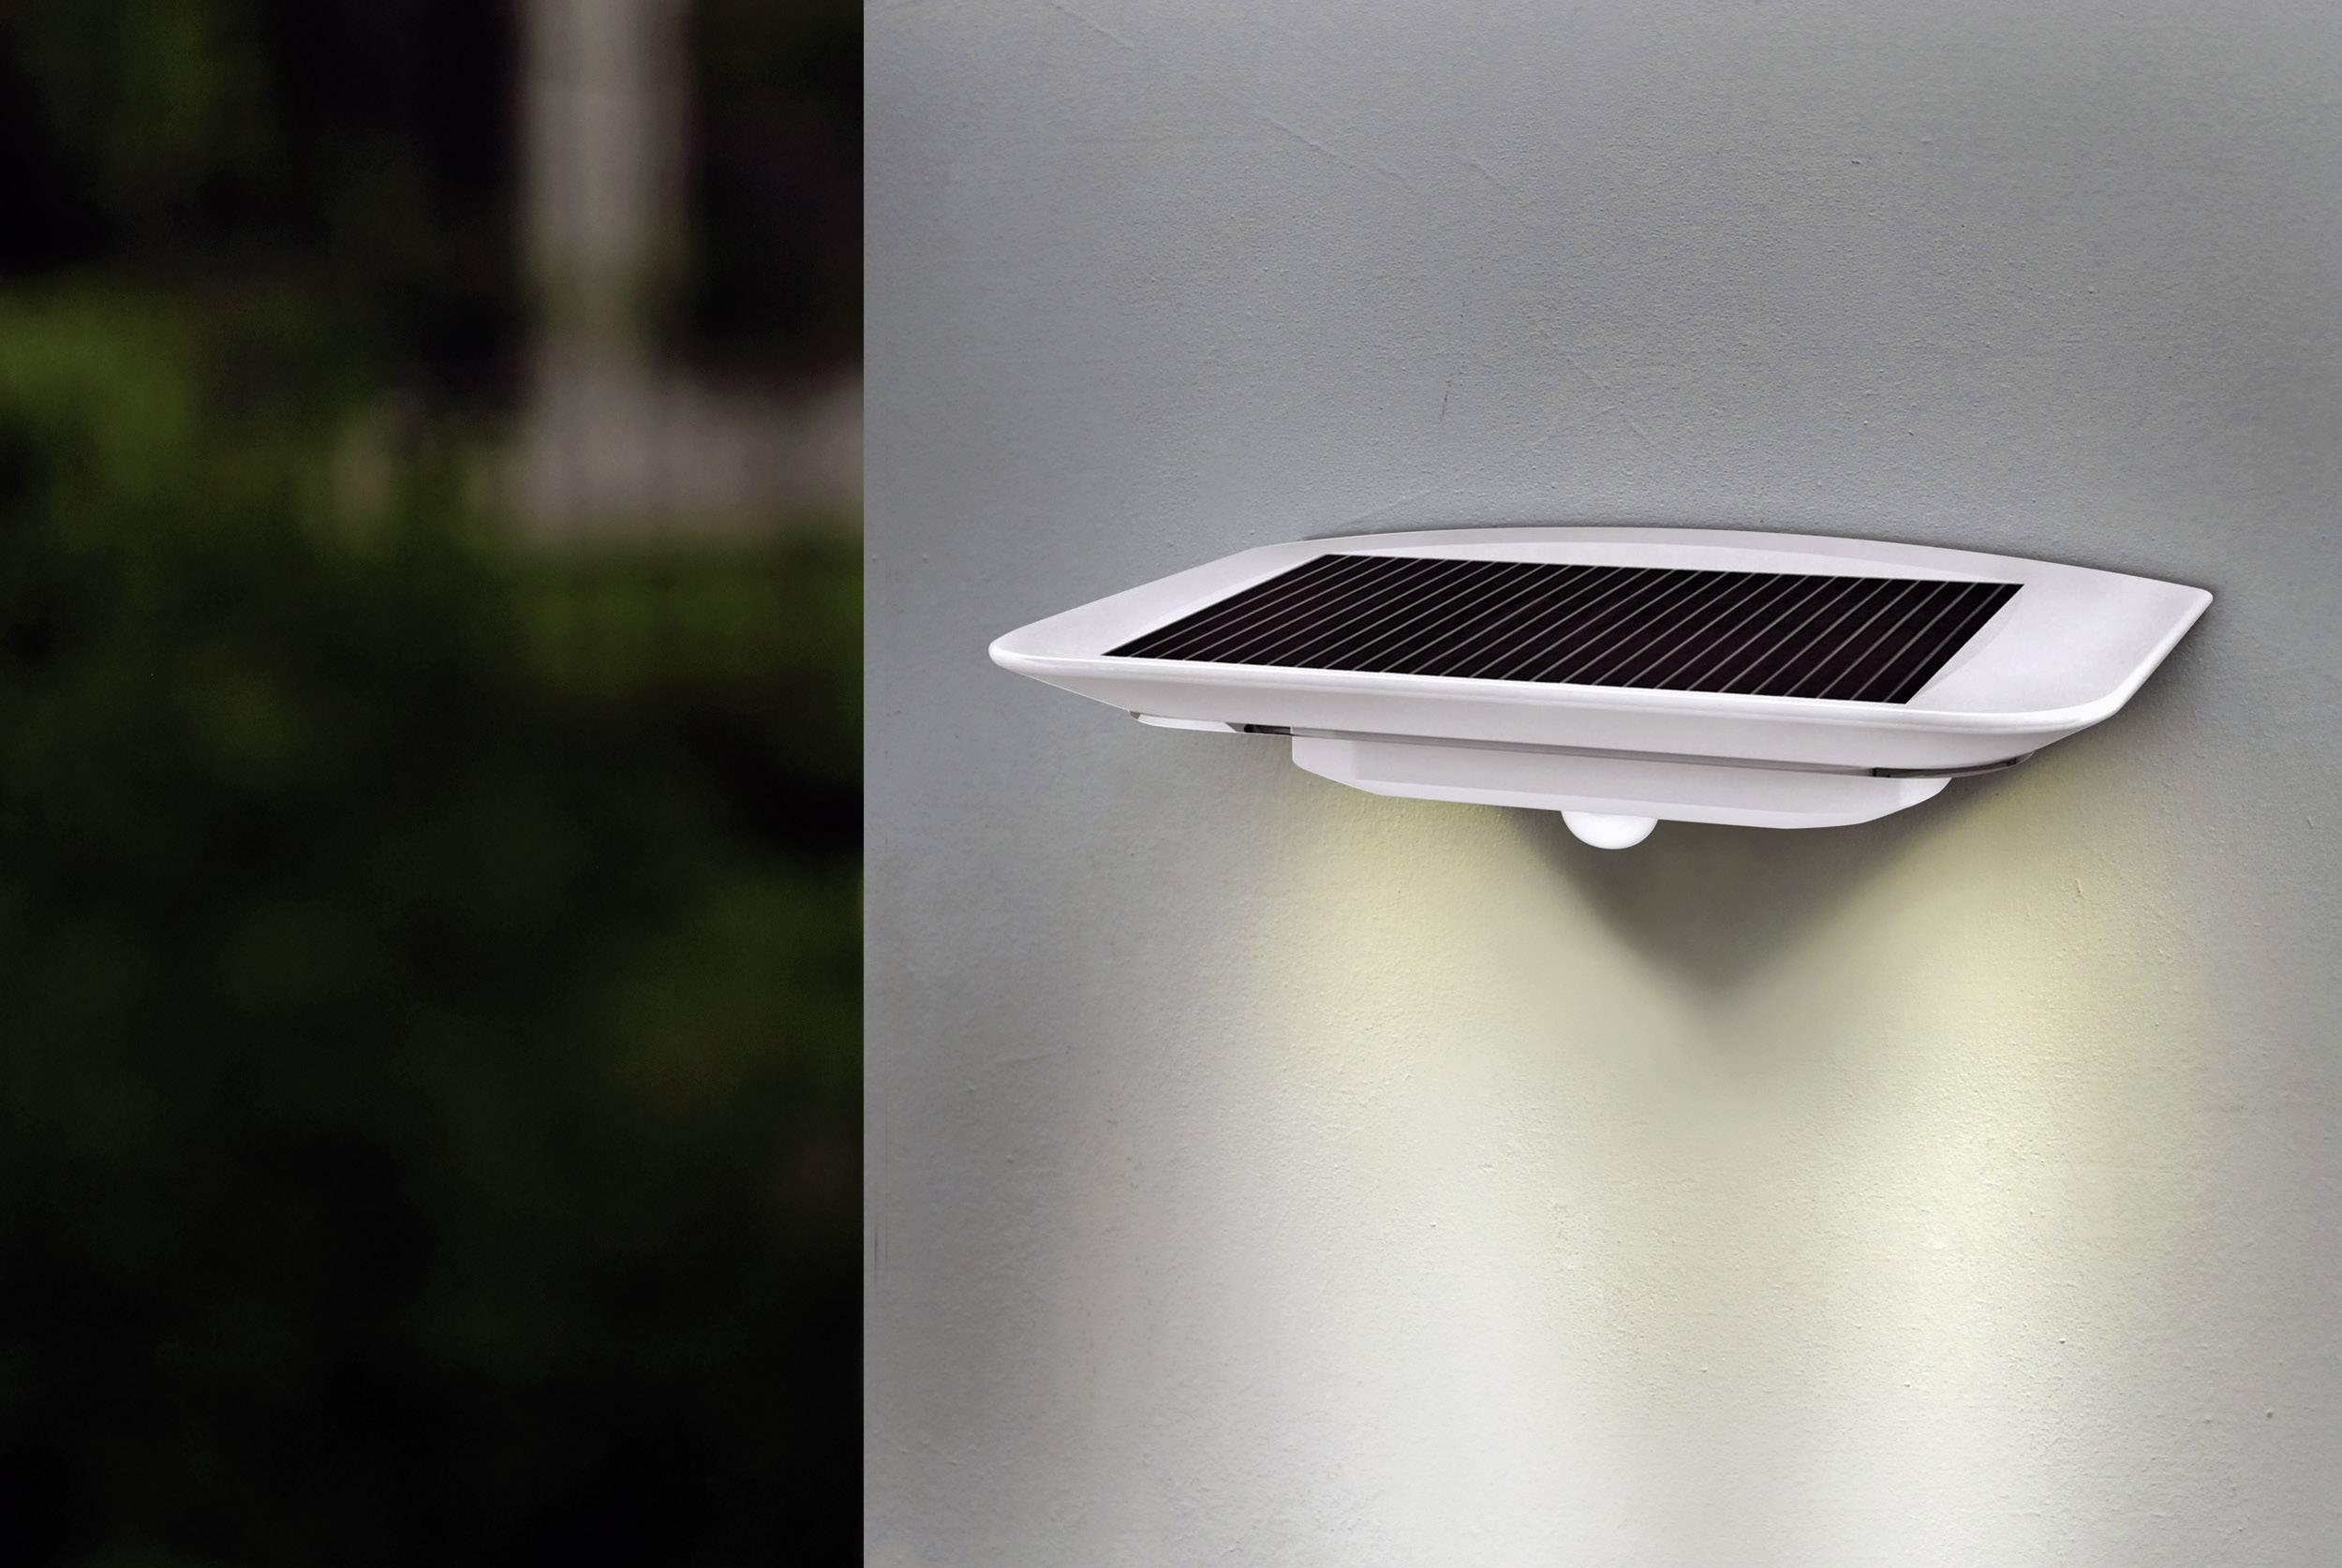 Vonkajšie solárne nástenné osvetlenie s PIR senzorom ECO-Light Ghost Solar P9014 SI, neutrálne biela